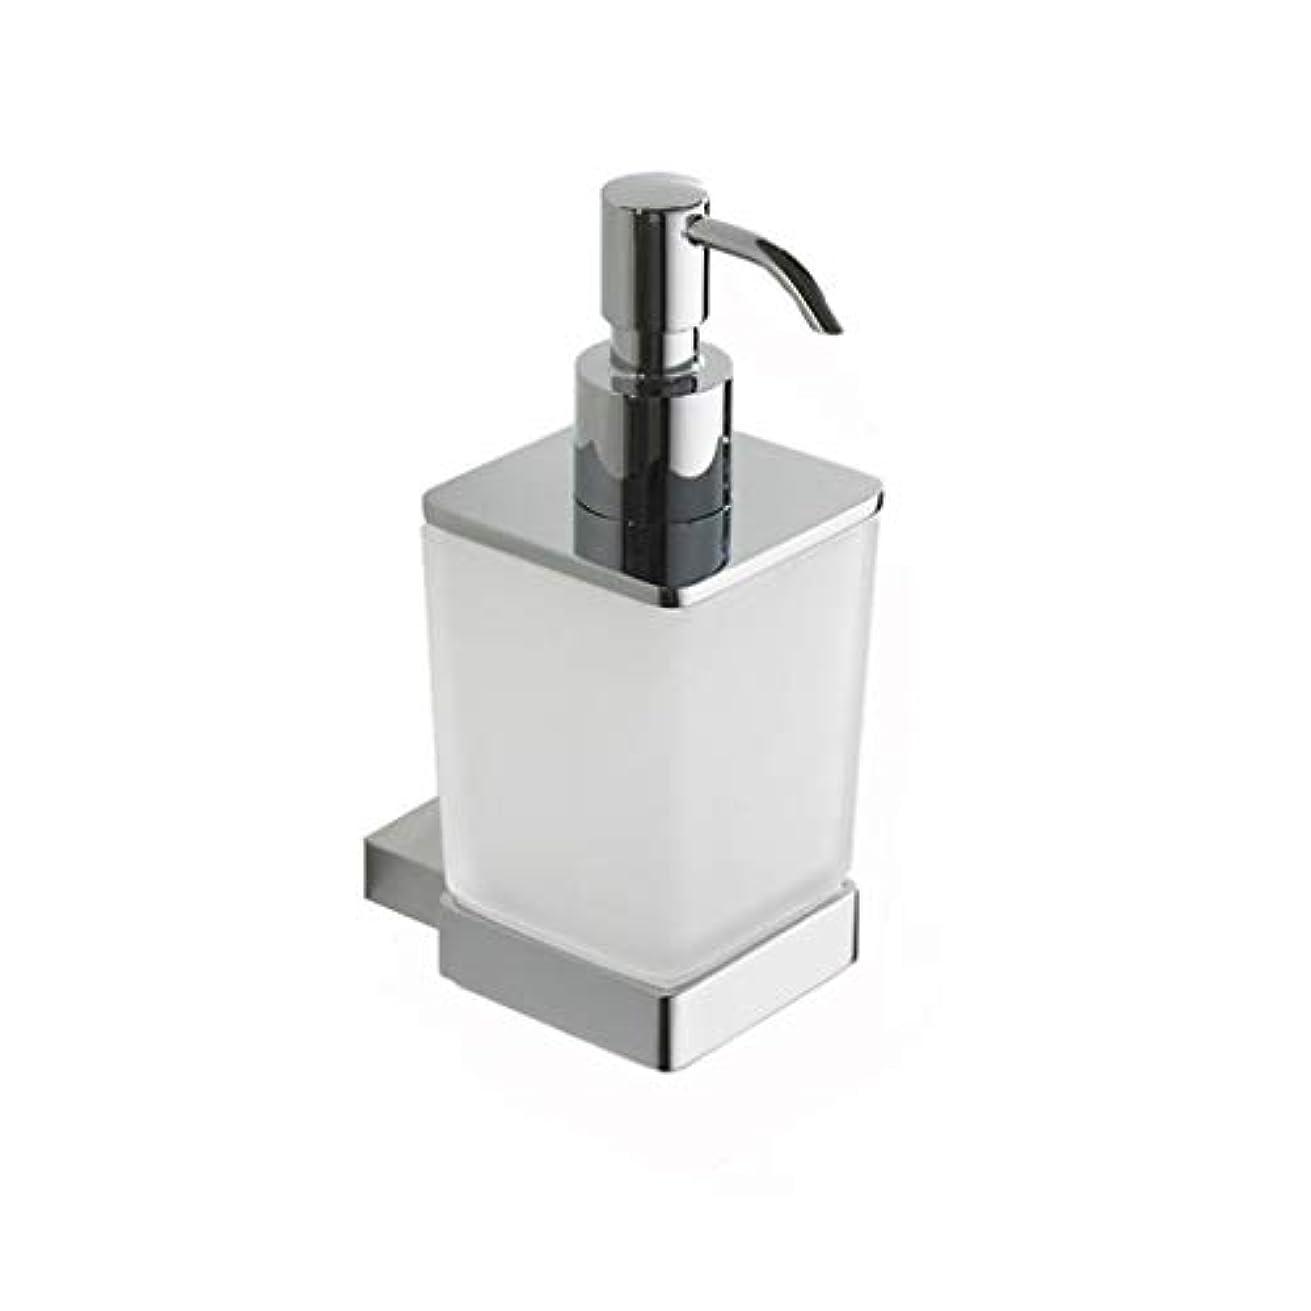 アクション後継座標Kylinssh 、浴室のための金属の詰め替え式液体手の石鹸ディスペンサーポンプボトル - 安い、ディスカウント価格また手の消毒剤及び精油のために使用することができます